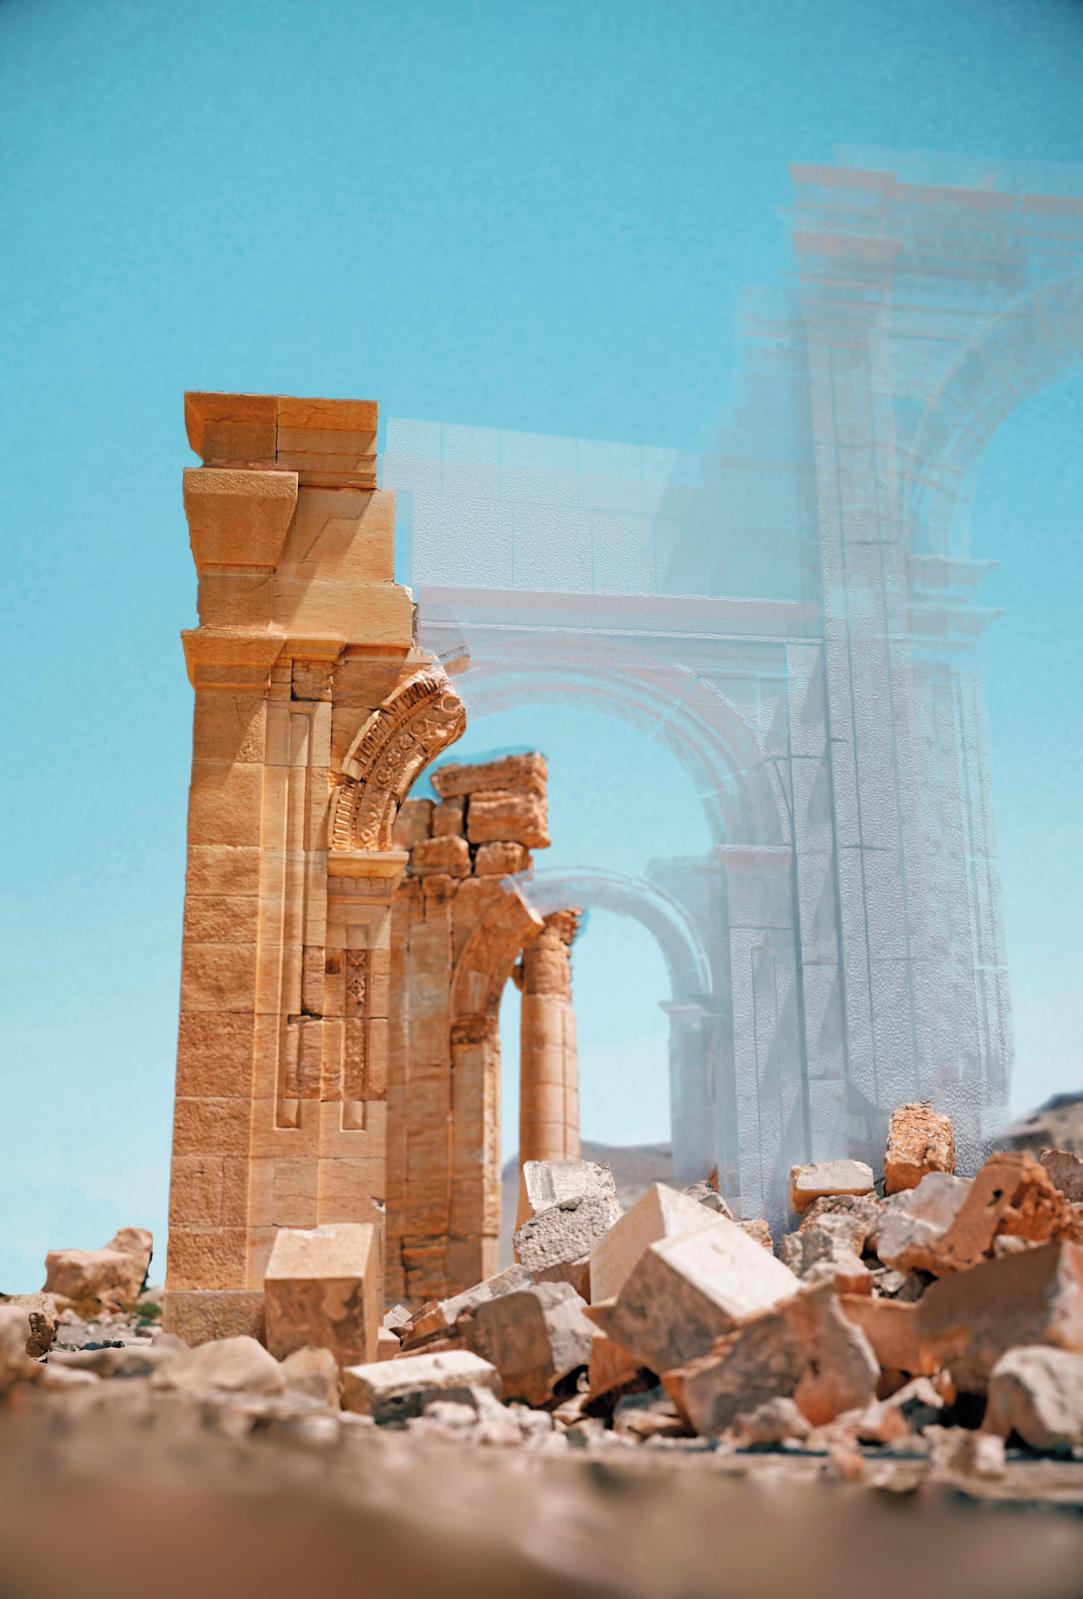 Arche de Palmyre, reconstruction 3D image 3D. ©Iconem, DGAM